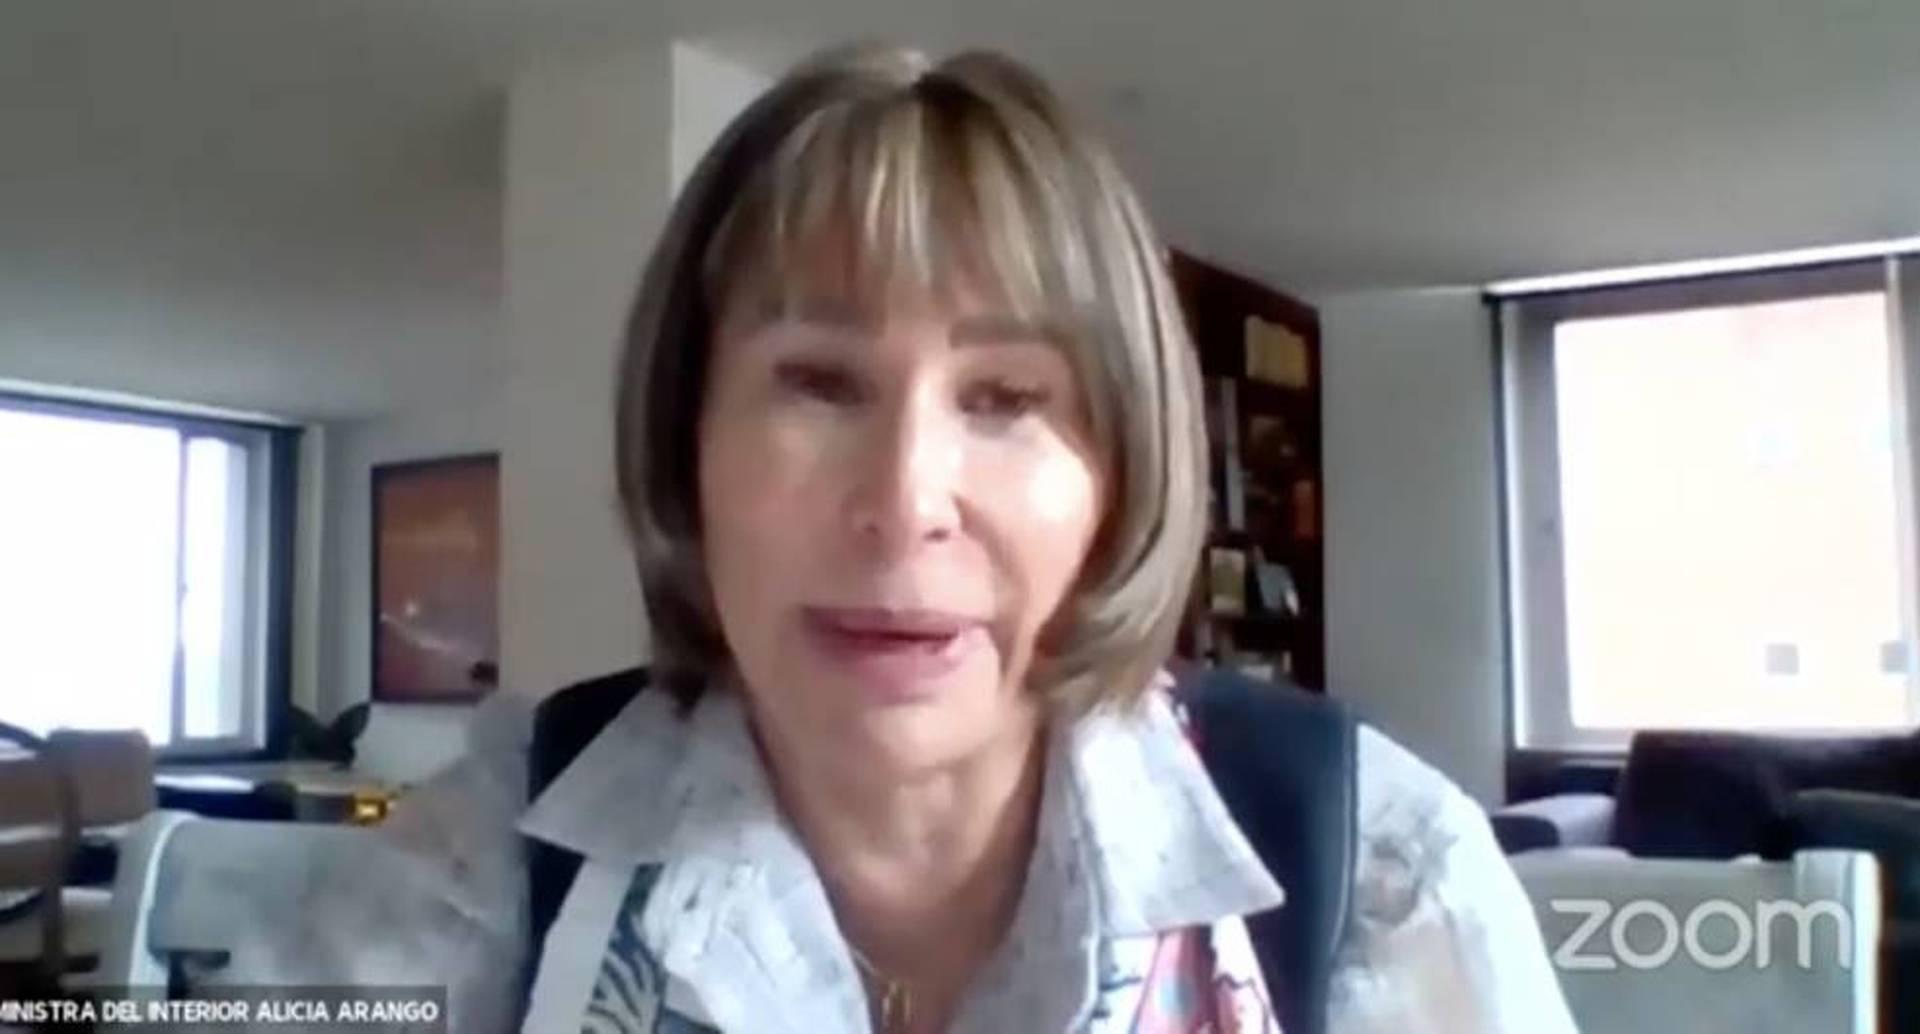 Alicia Arango y su llano en debate en el Congreso, por renuncia de Uribe